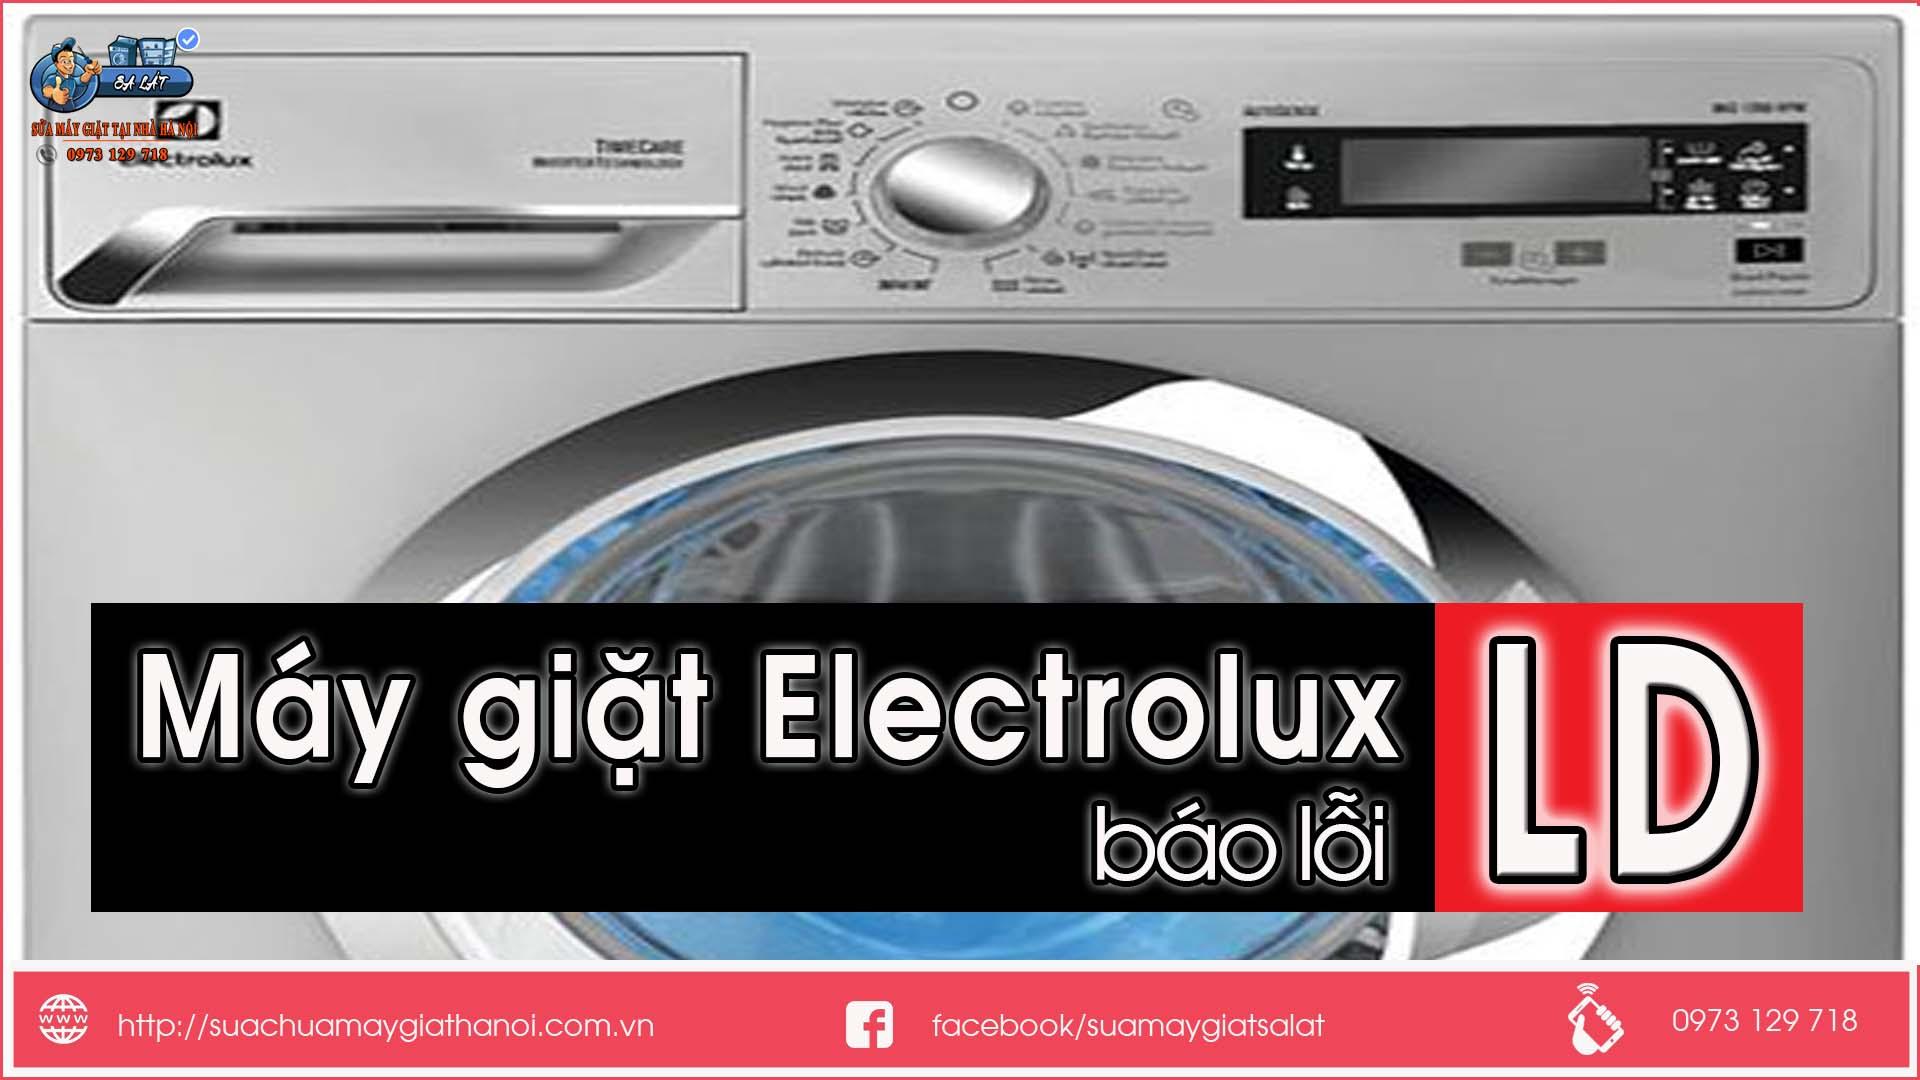 may-giat-electrolux-bao-loi-ld